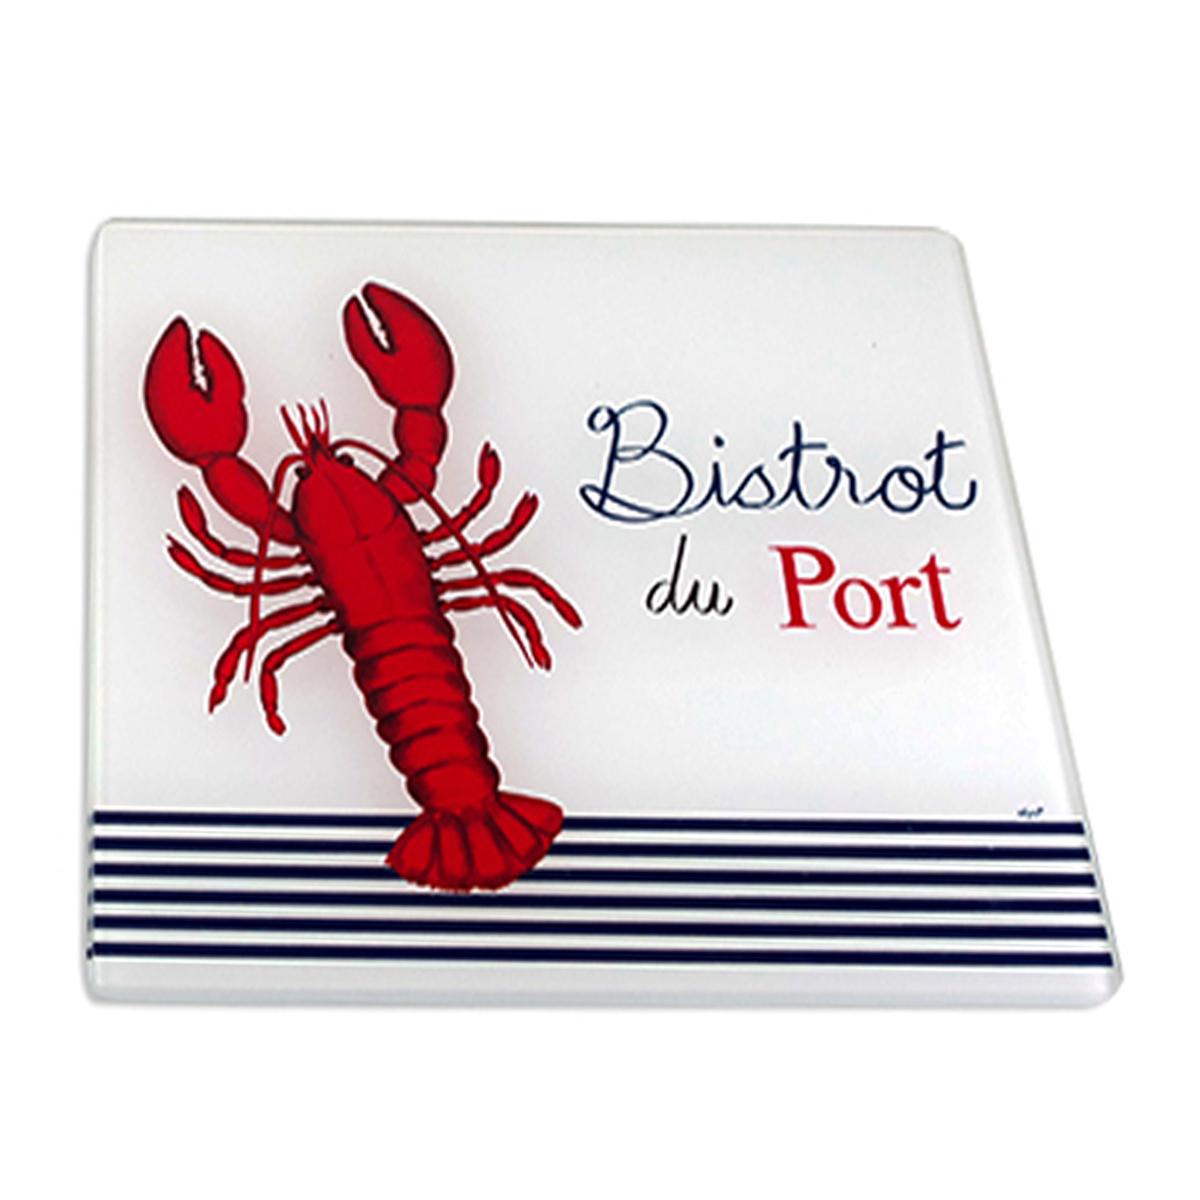 Dessous de plat verre \'Bistrot du Port\' rouge bleu blanc (homard) - 20x20 cm - [A2465]